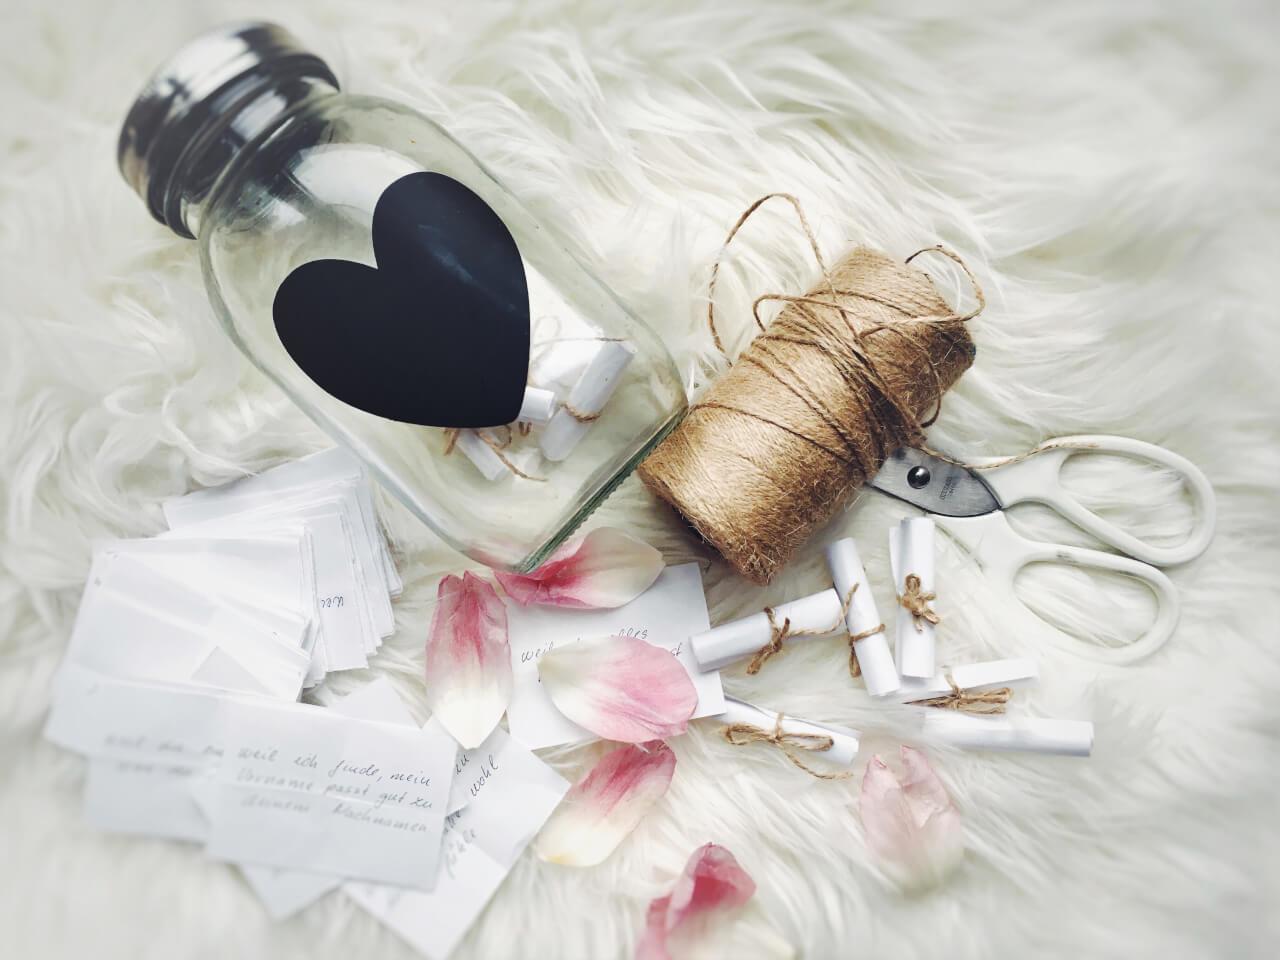 valentine1 - Vyjadri to darčekom alebo inšpirácie pre zamilovaných